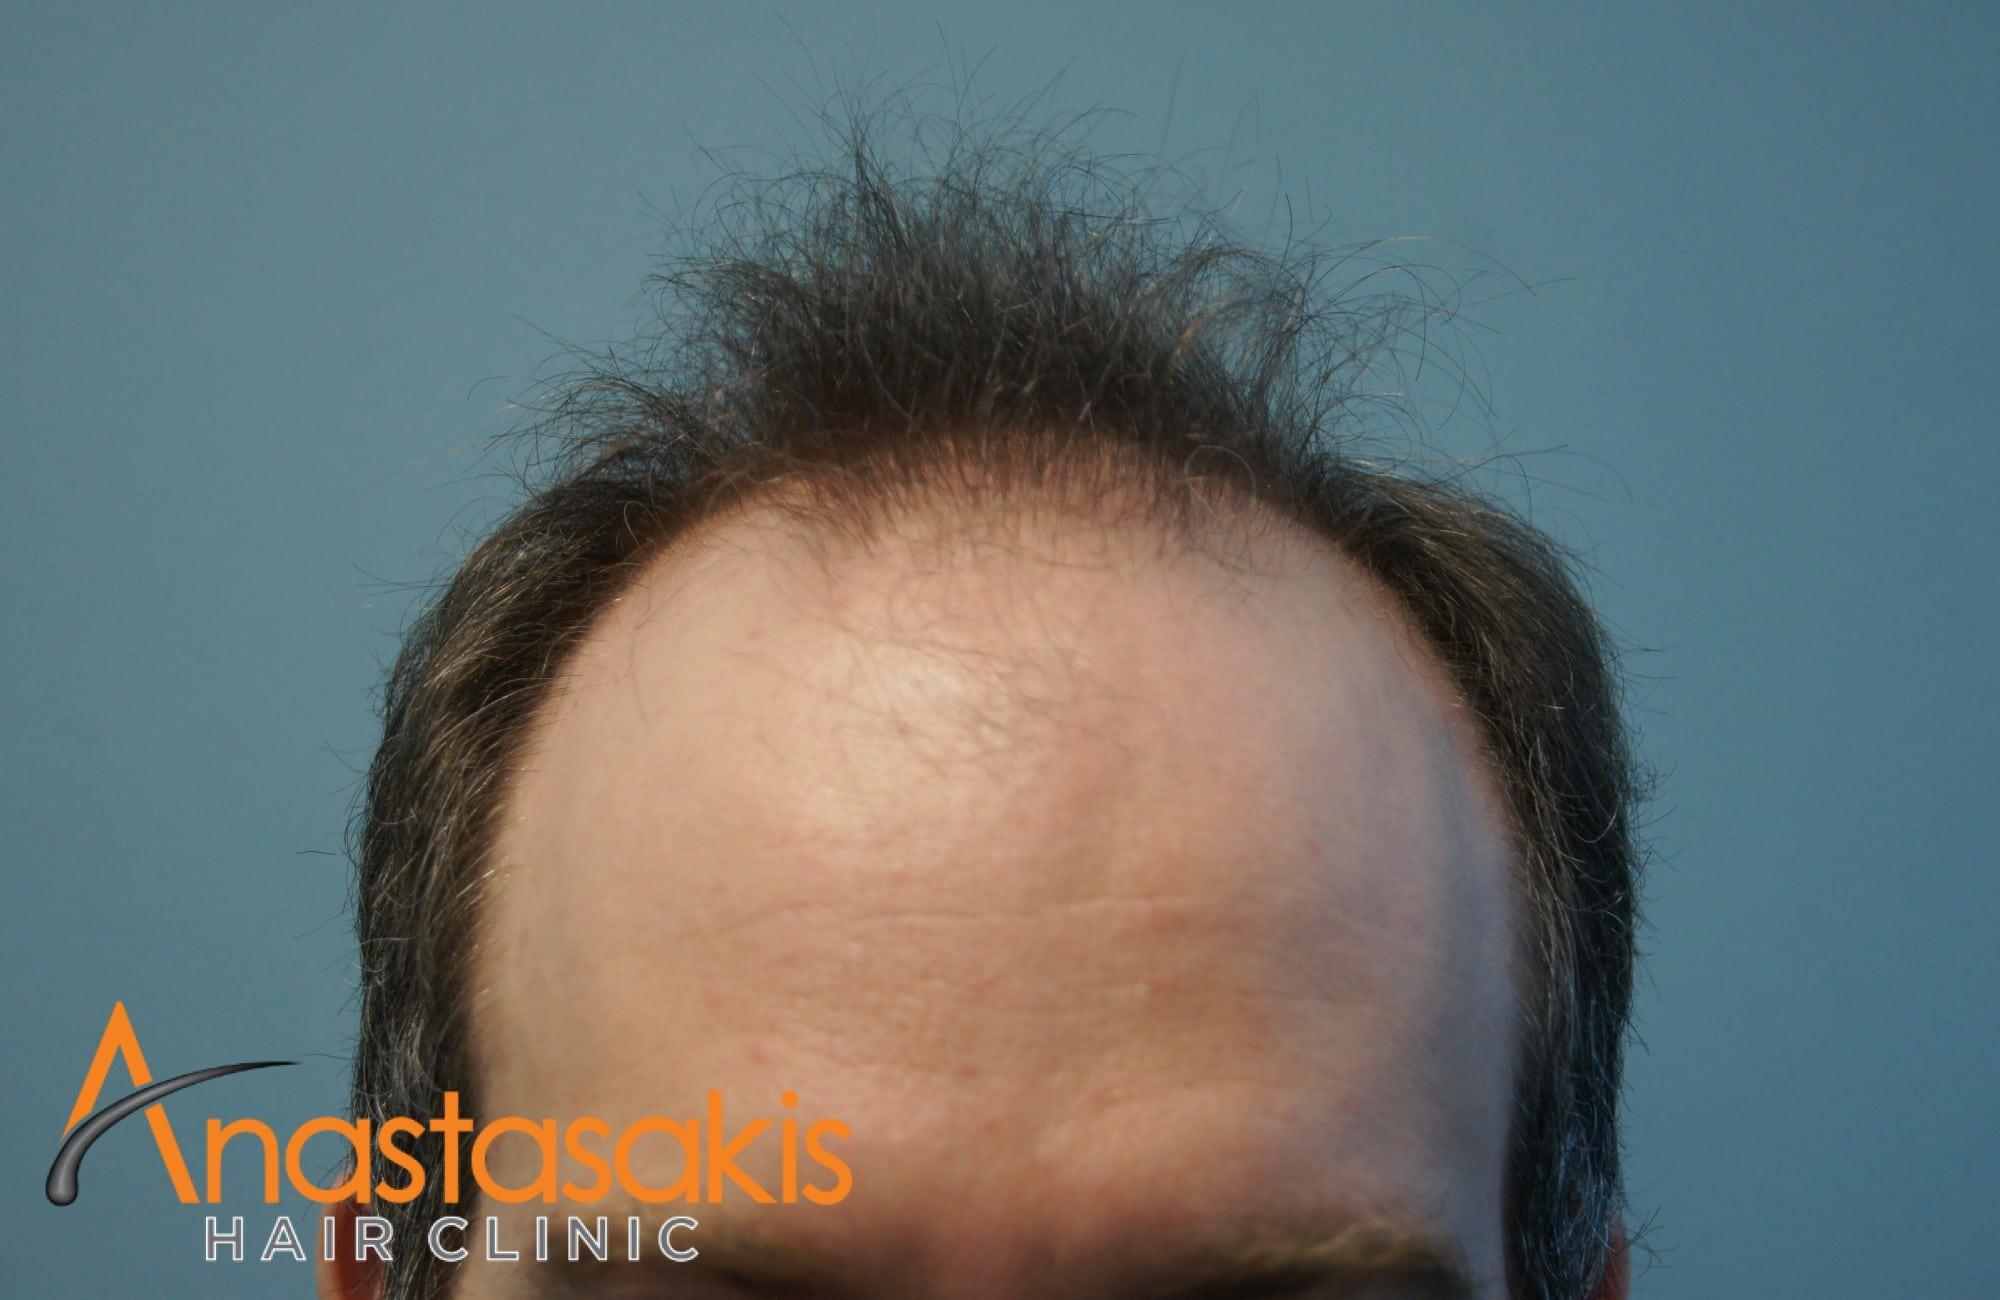 περιστατικο με 3500 fus - πριν τη μεταμόσχευση μαλλιών - hairline